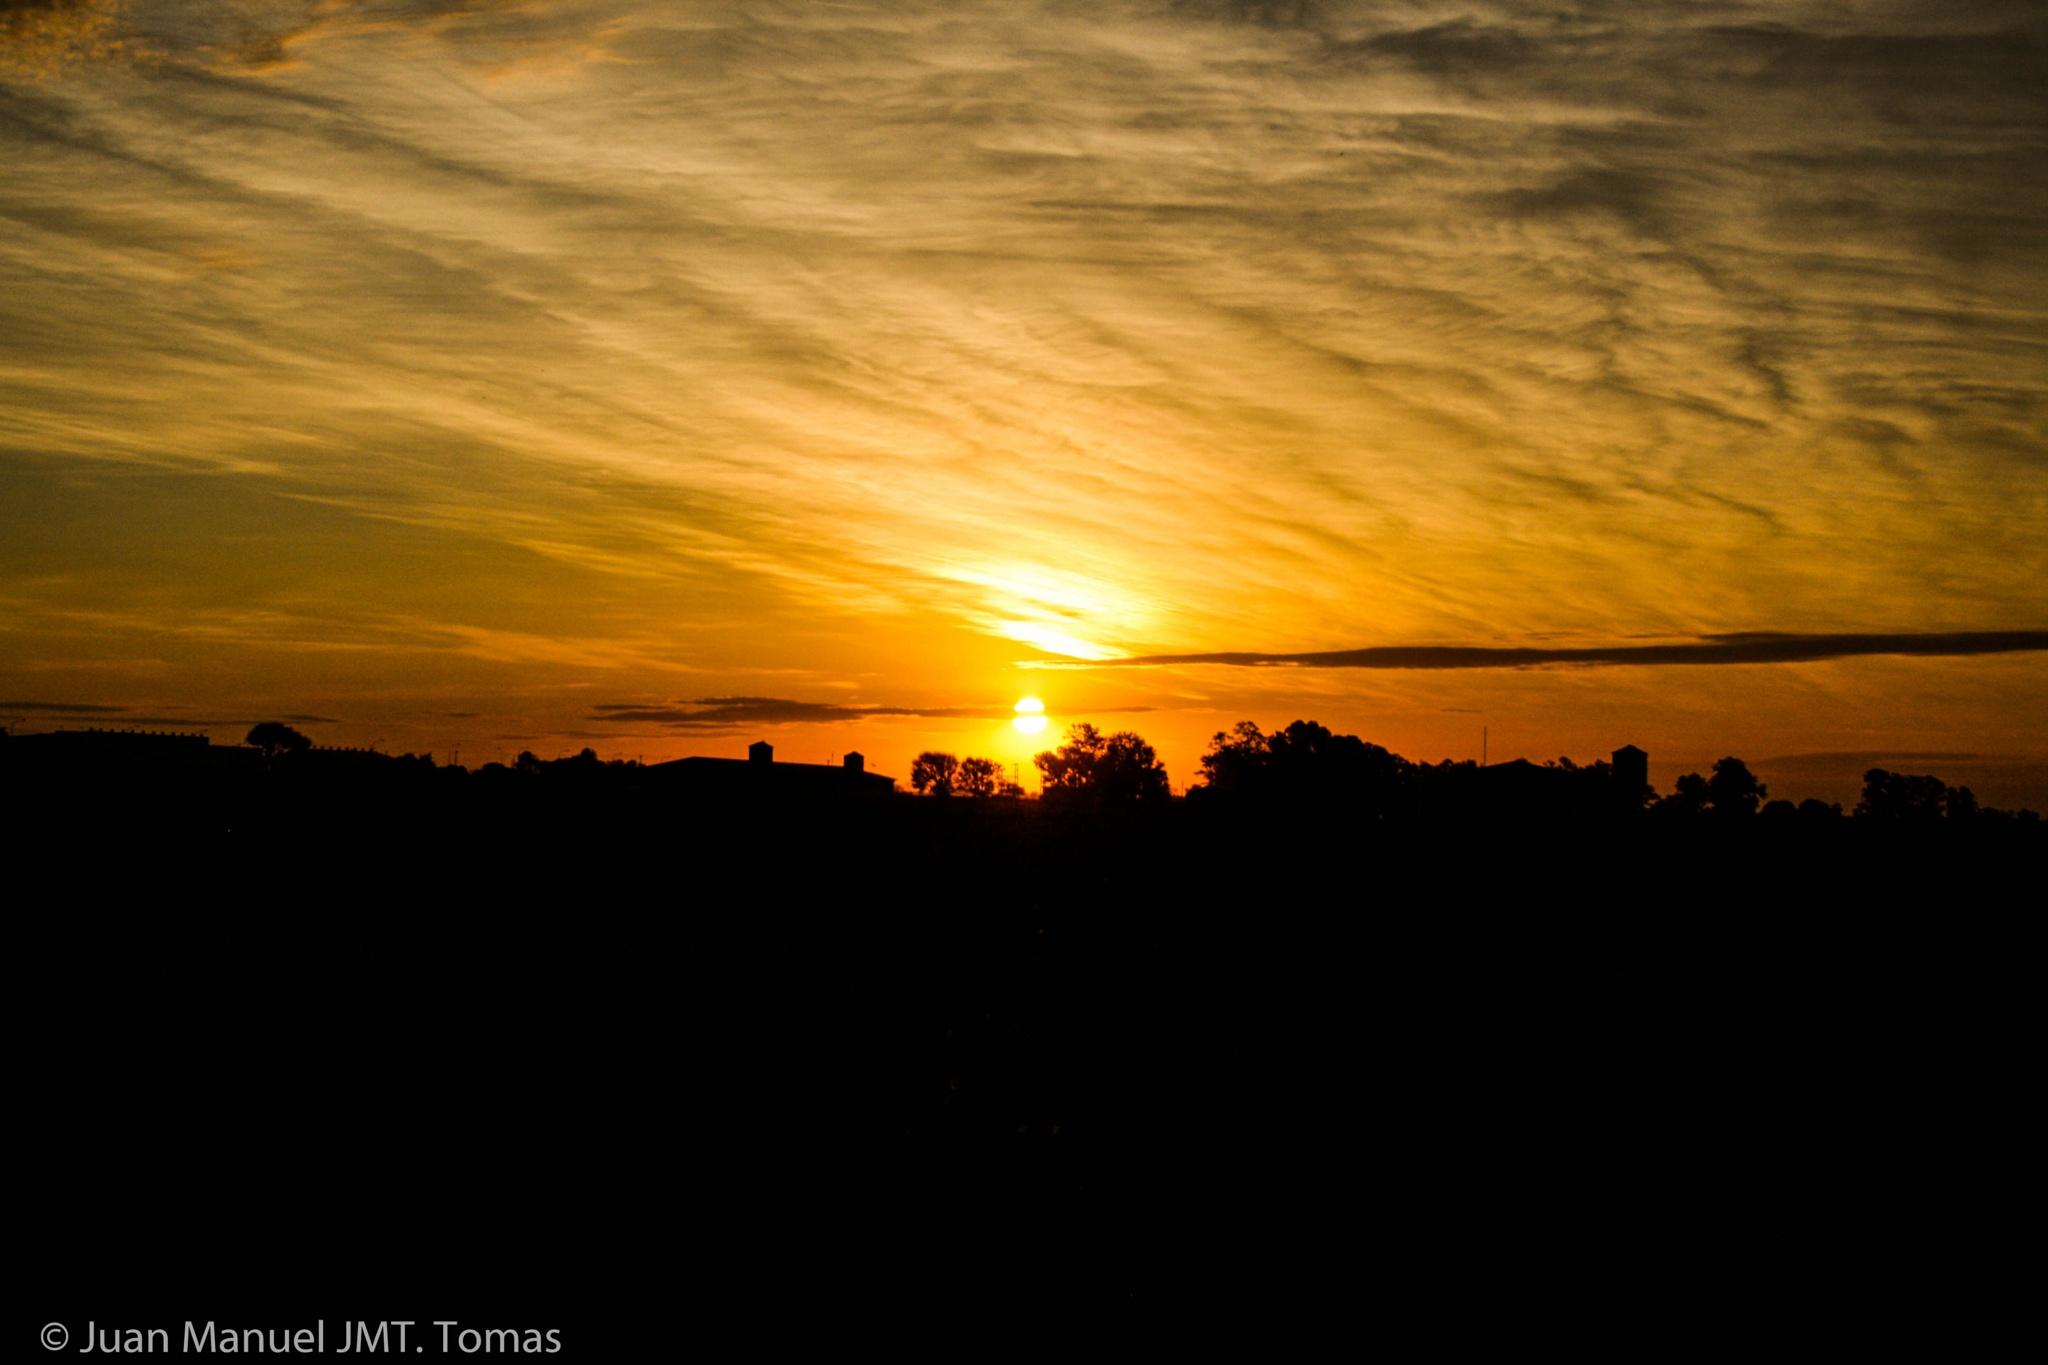 Sunshine v1.2 by Juan Manuel